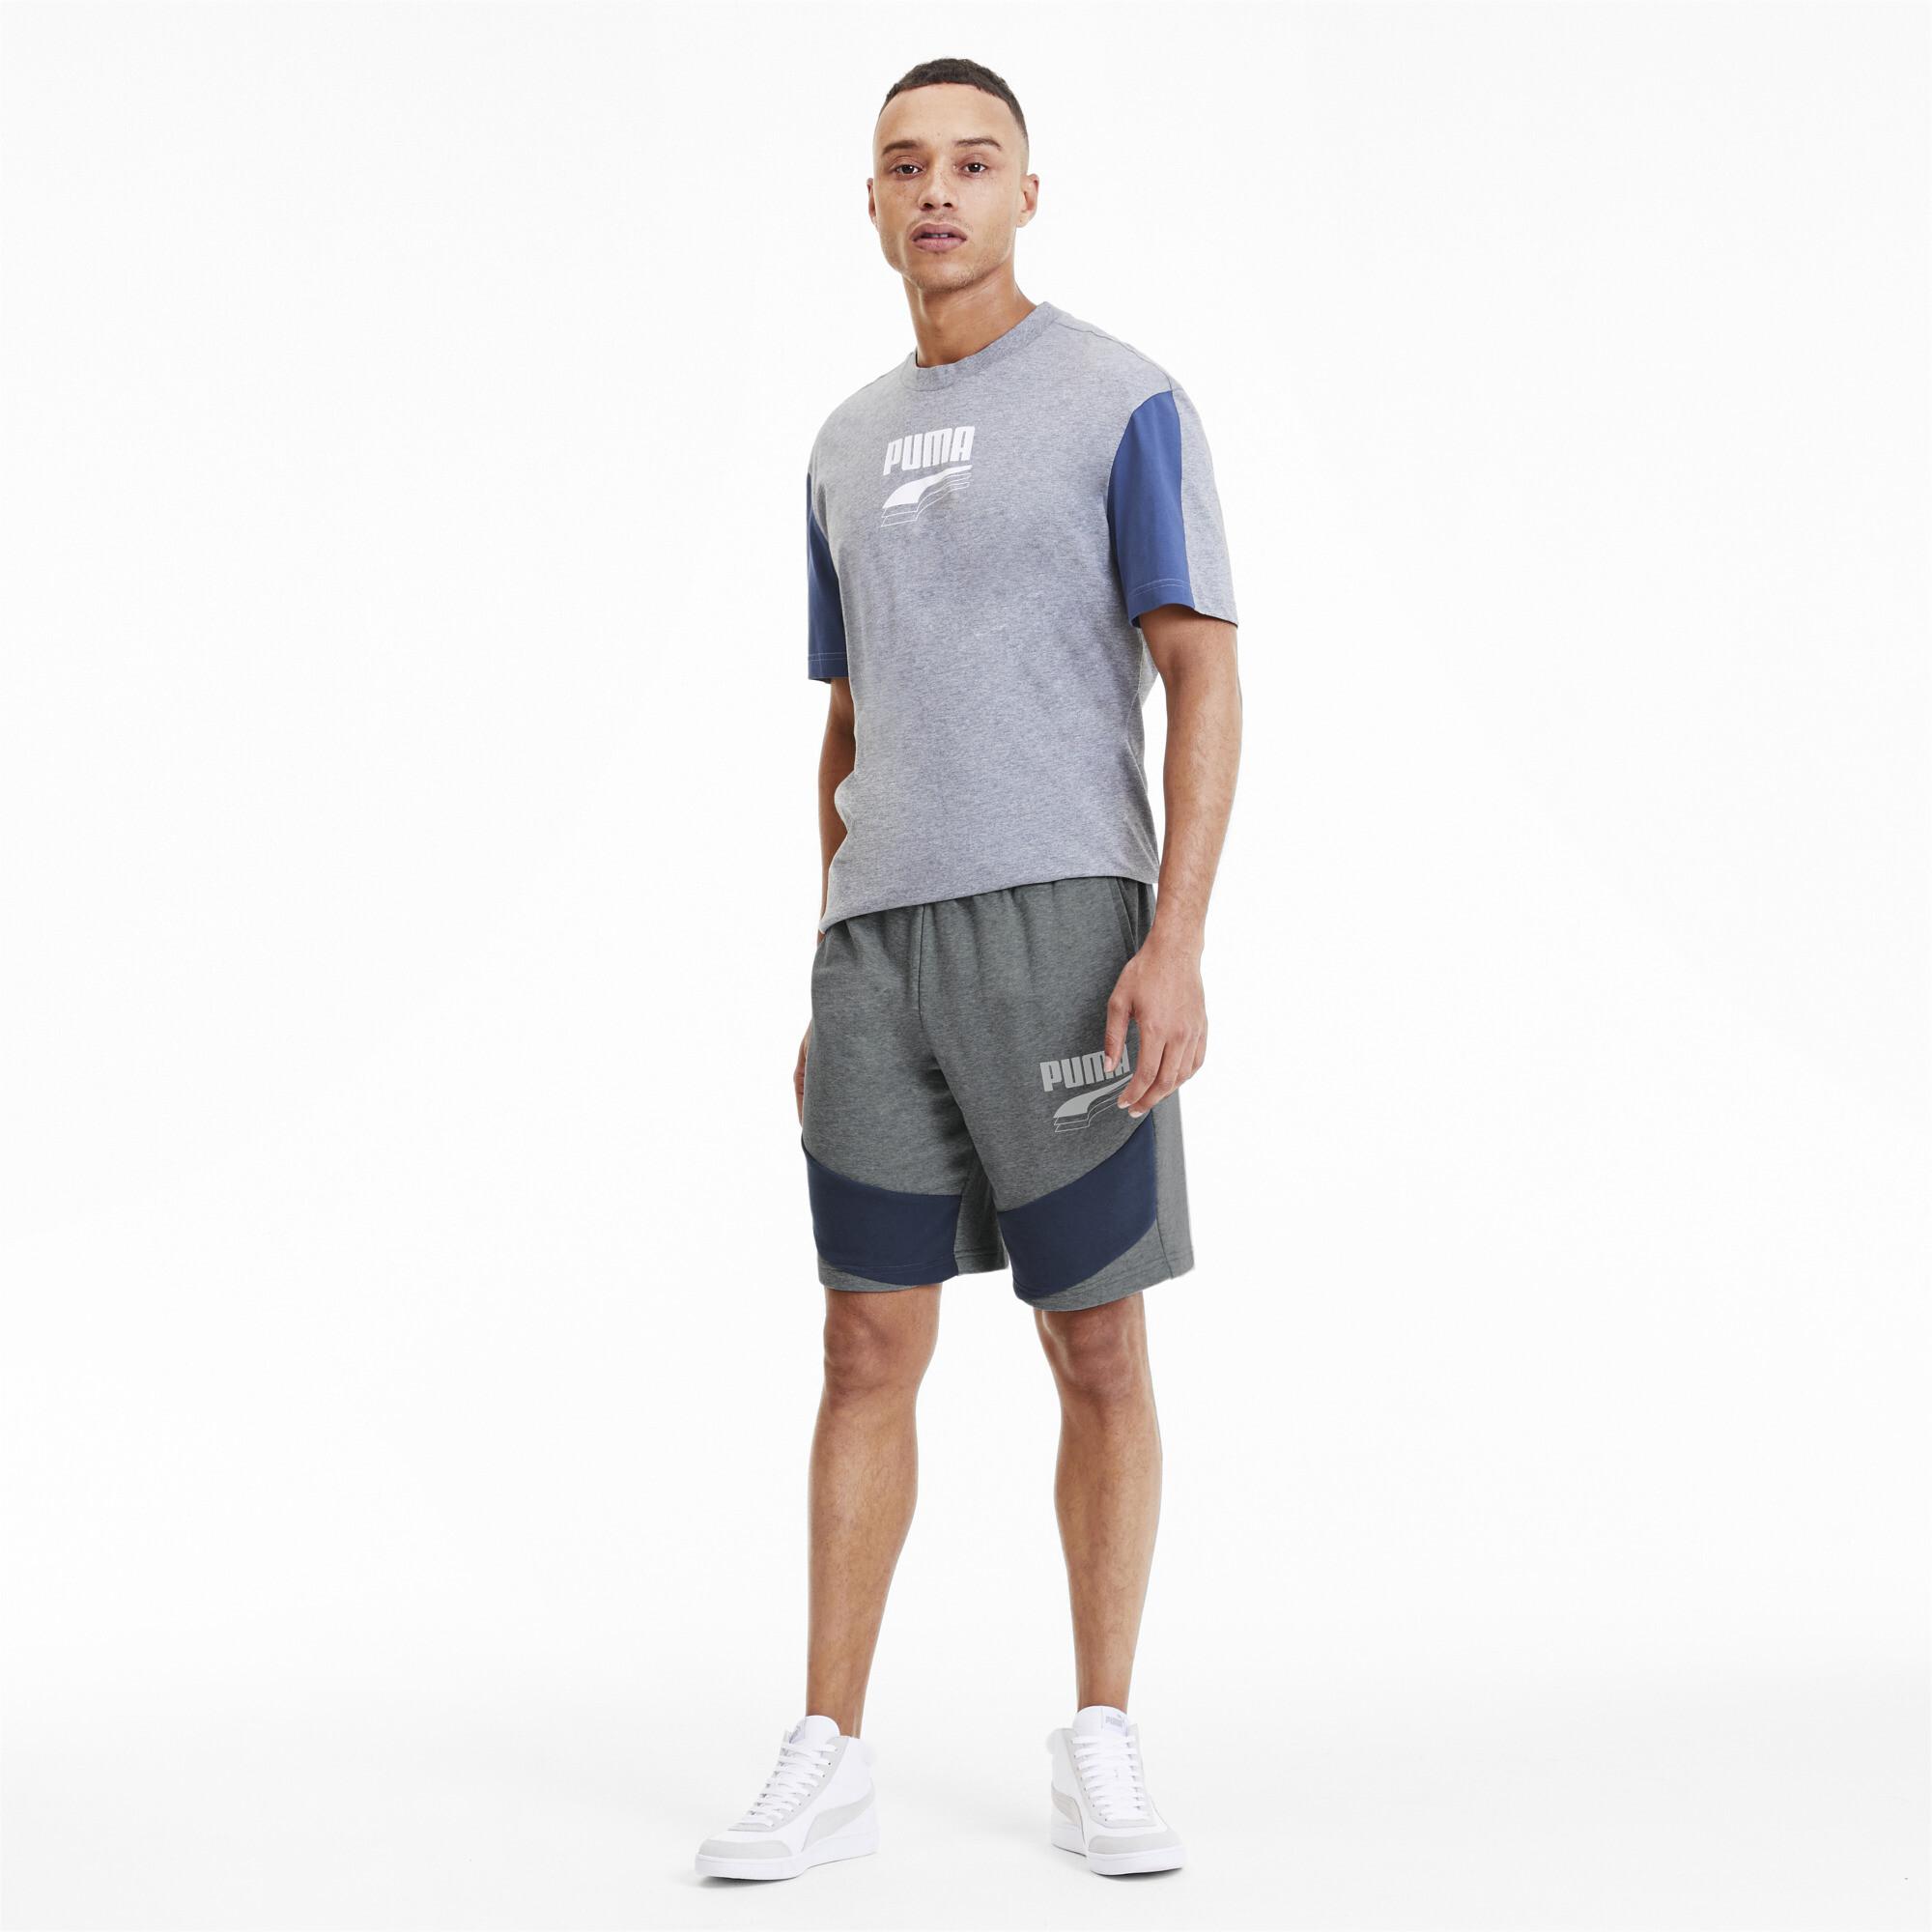 PUMA-Rebel-Block-Men-039-s-Shorts-Men-Knitted-Shorts-Basics thumbnail 11